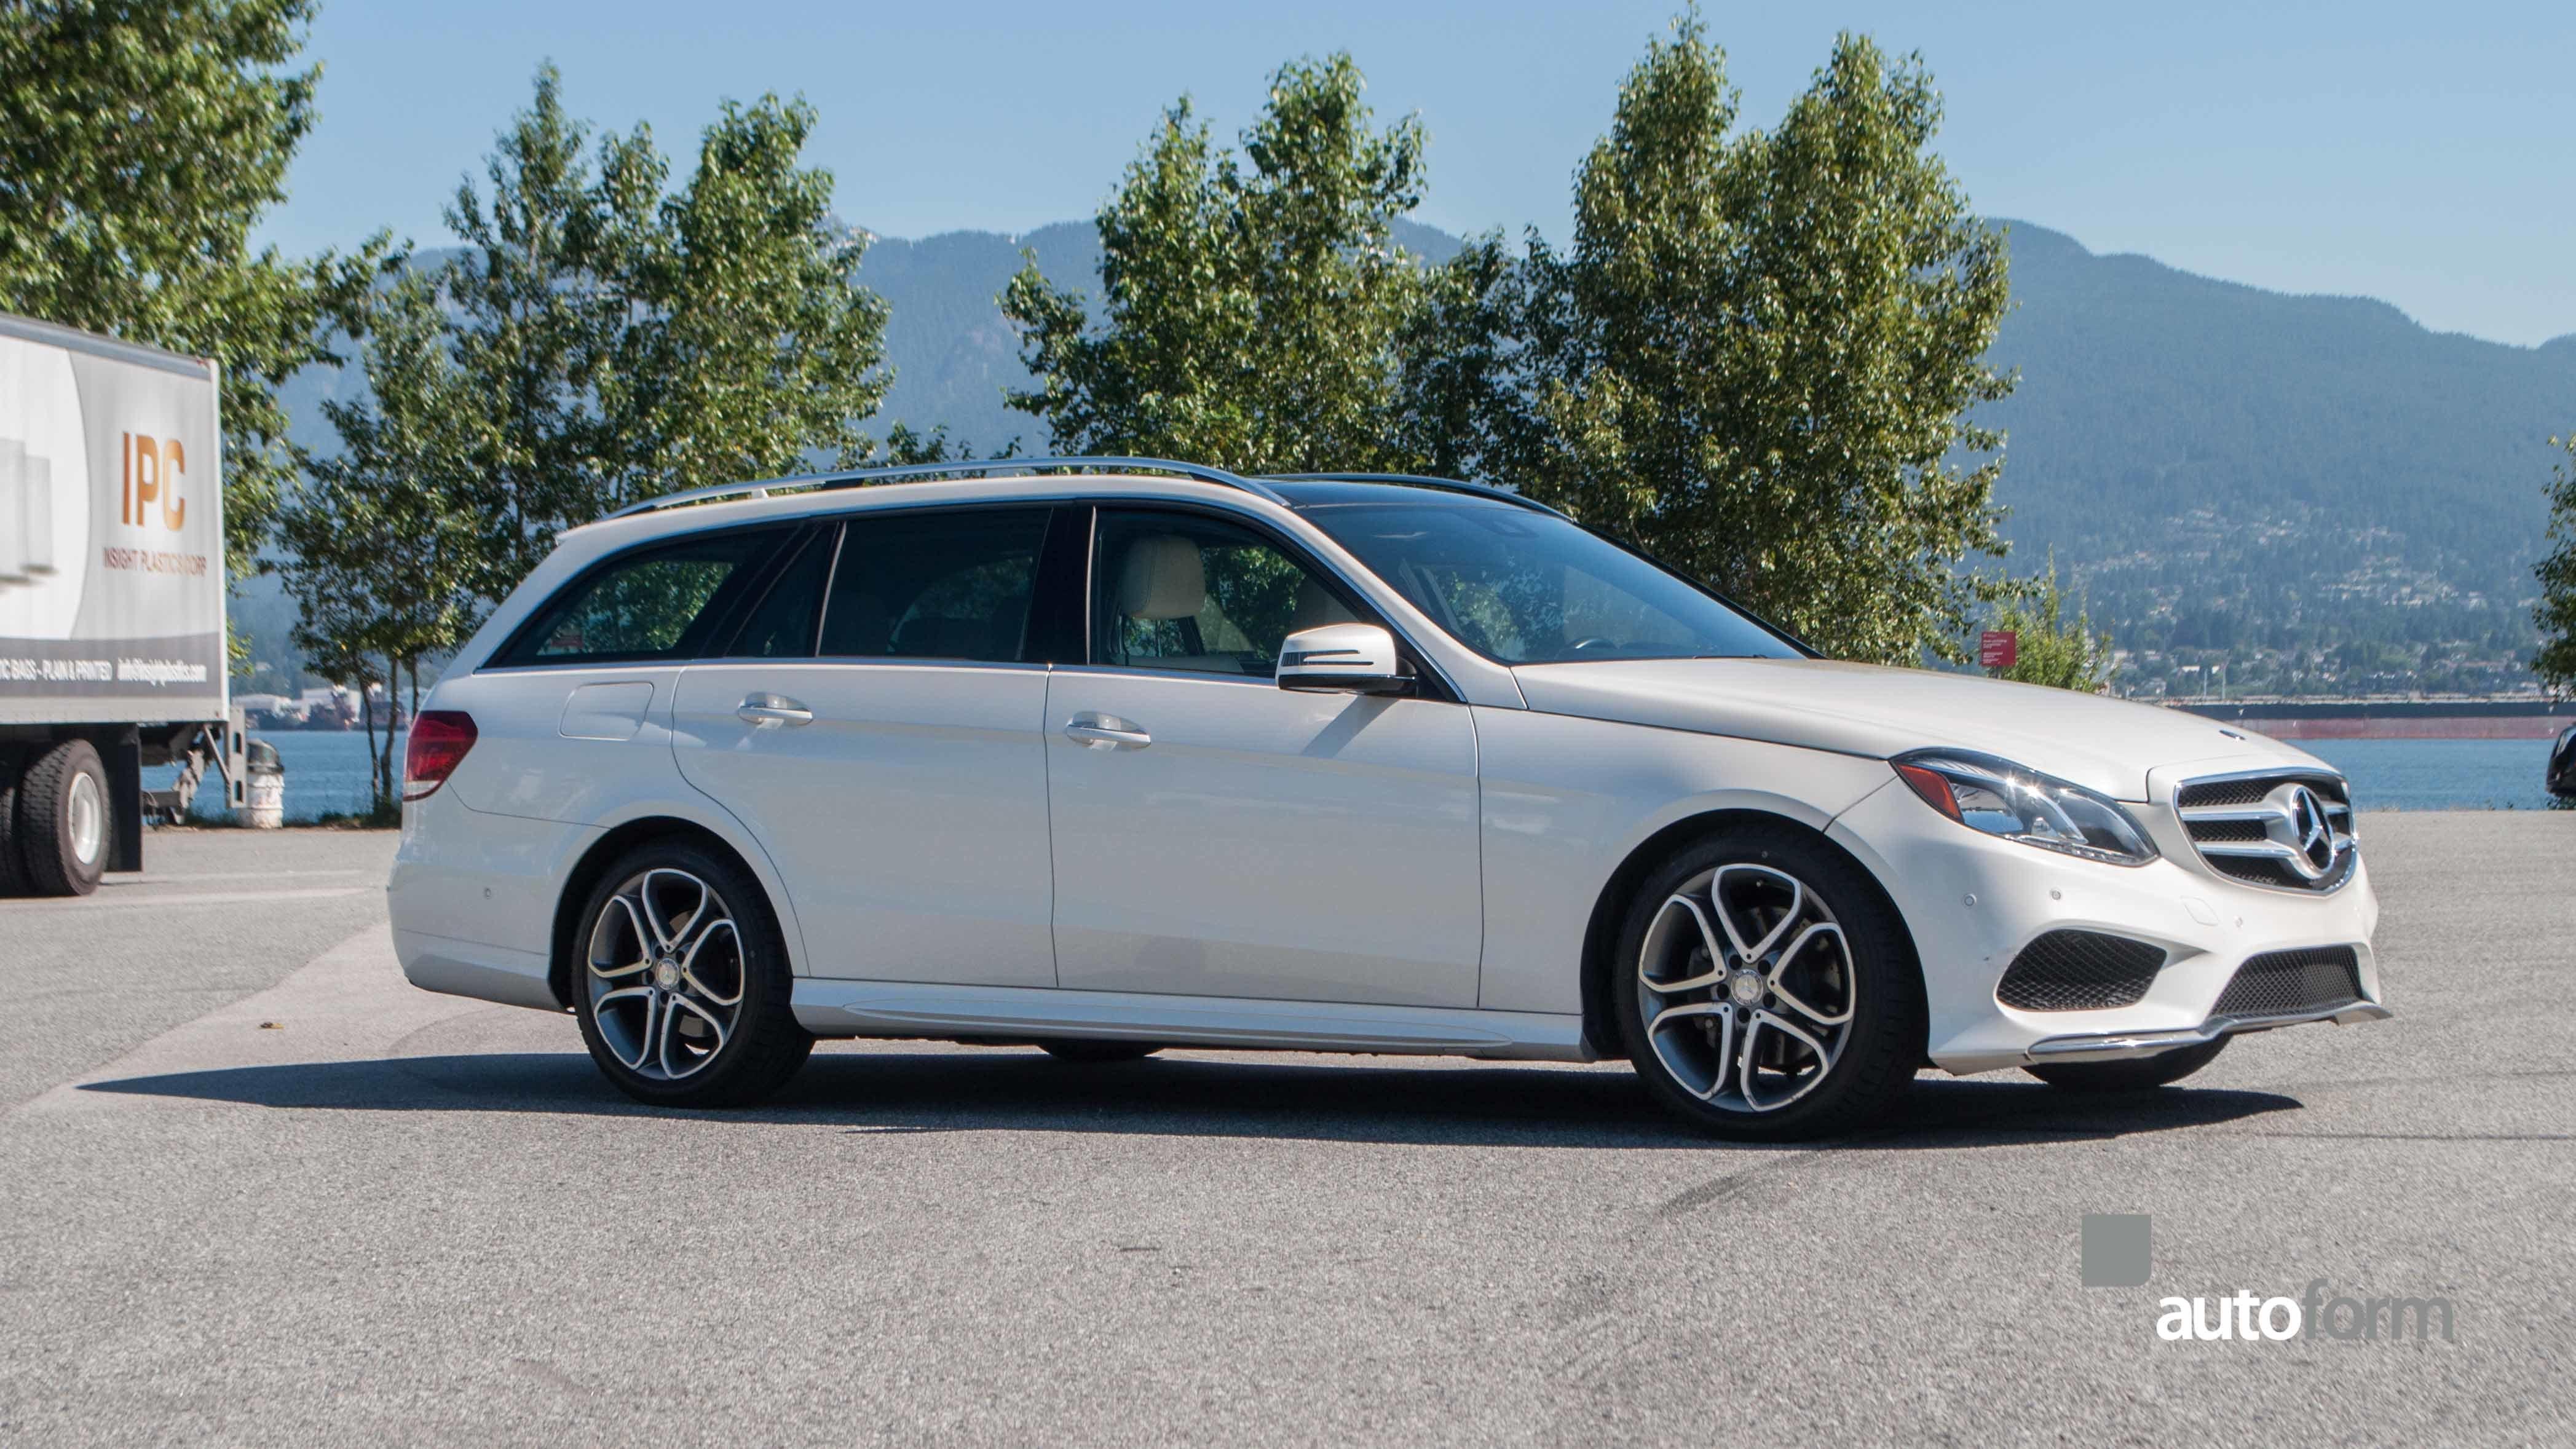 2014 mercedes benz e350 wagon autoform for Mercedes benz vancouver